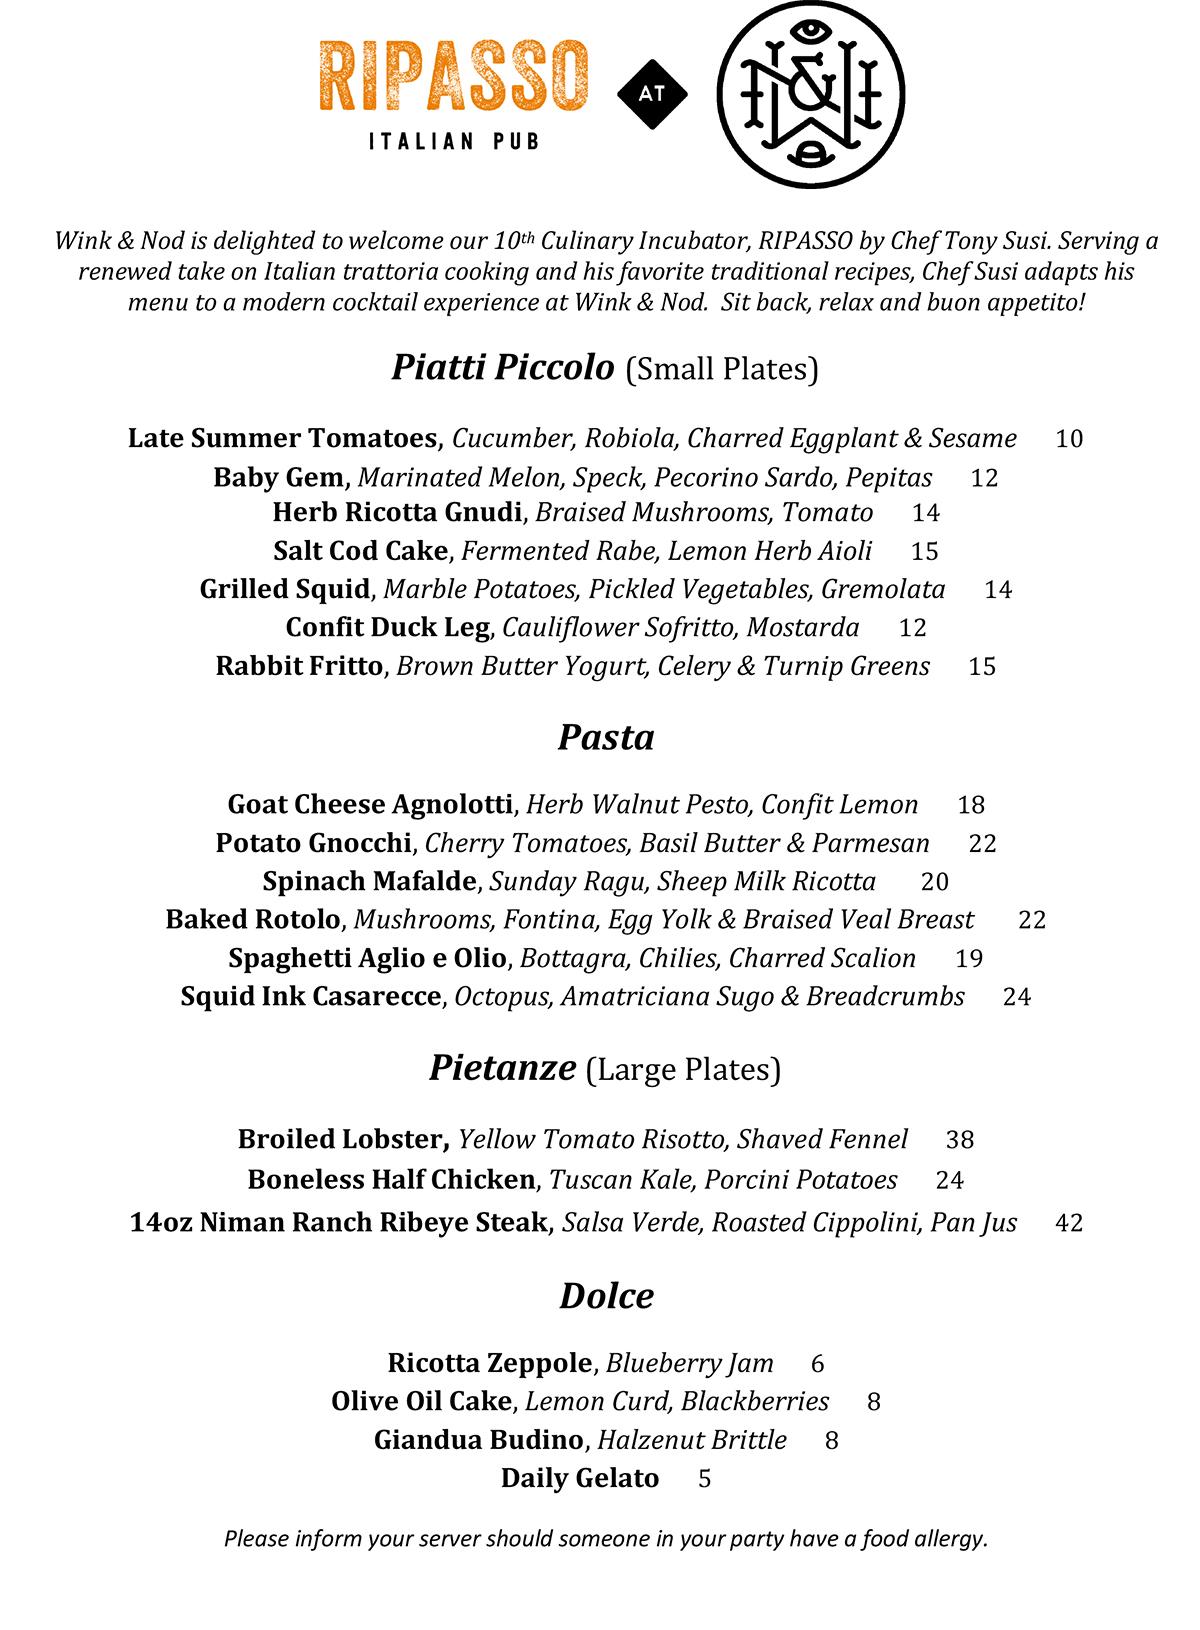 Ripasso at Wink & Nod menu